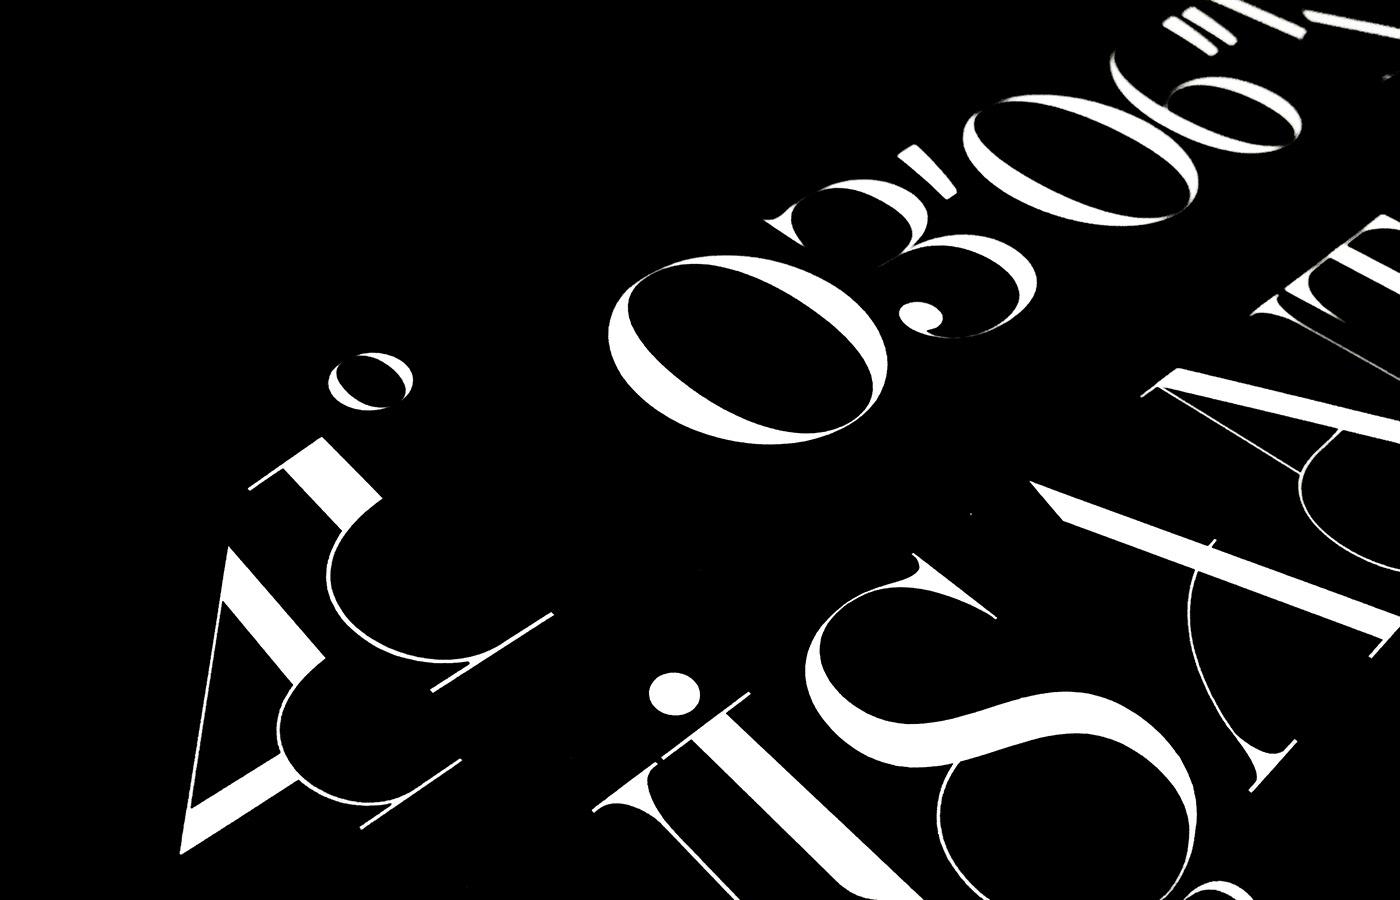 Nişantaşı Free Typeface - decorative